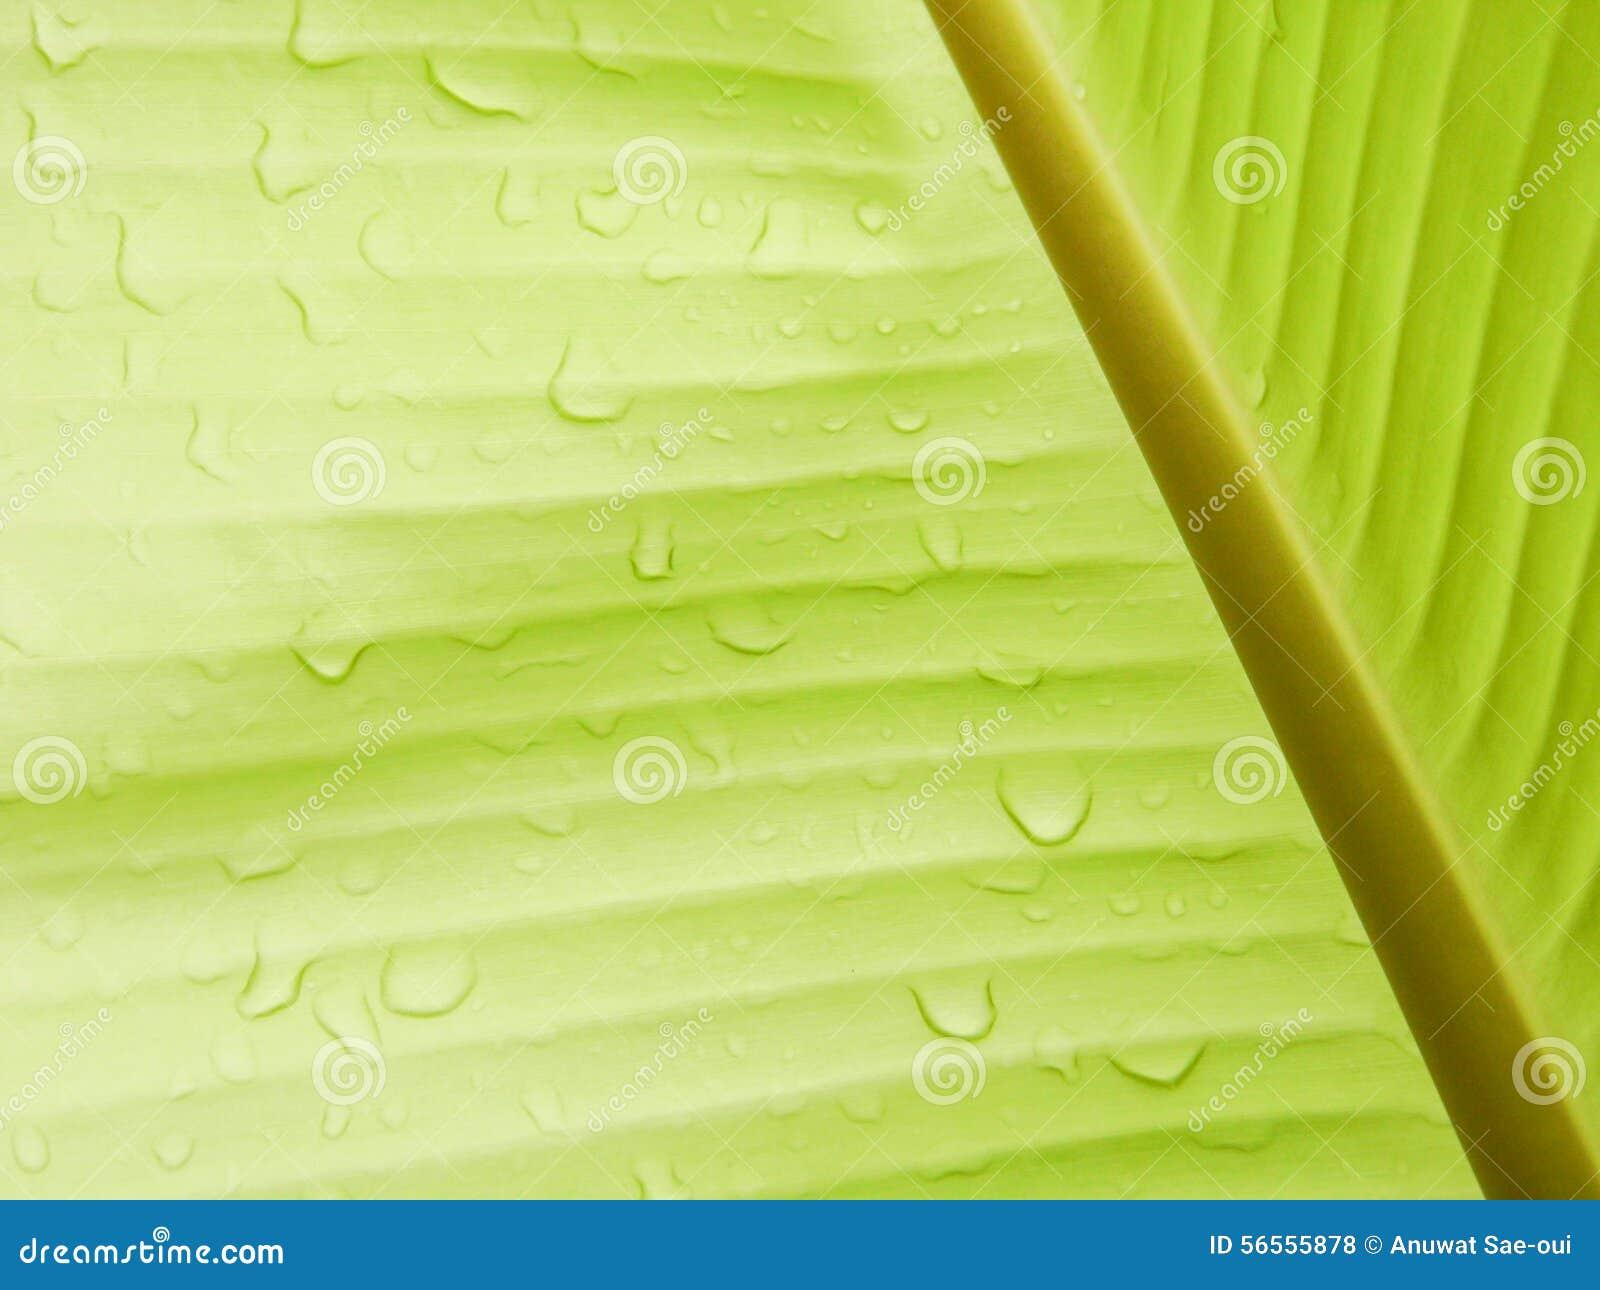 Download Υπόβαθρο φύλλων μπανανών με τη σταγόνα βροχής Στοκ Εικόνες - εικόνα από ύδωρ, φύση: 56555878